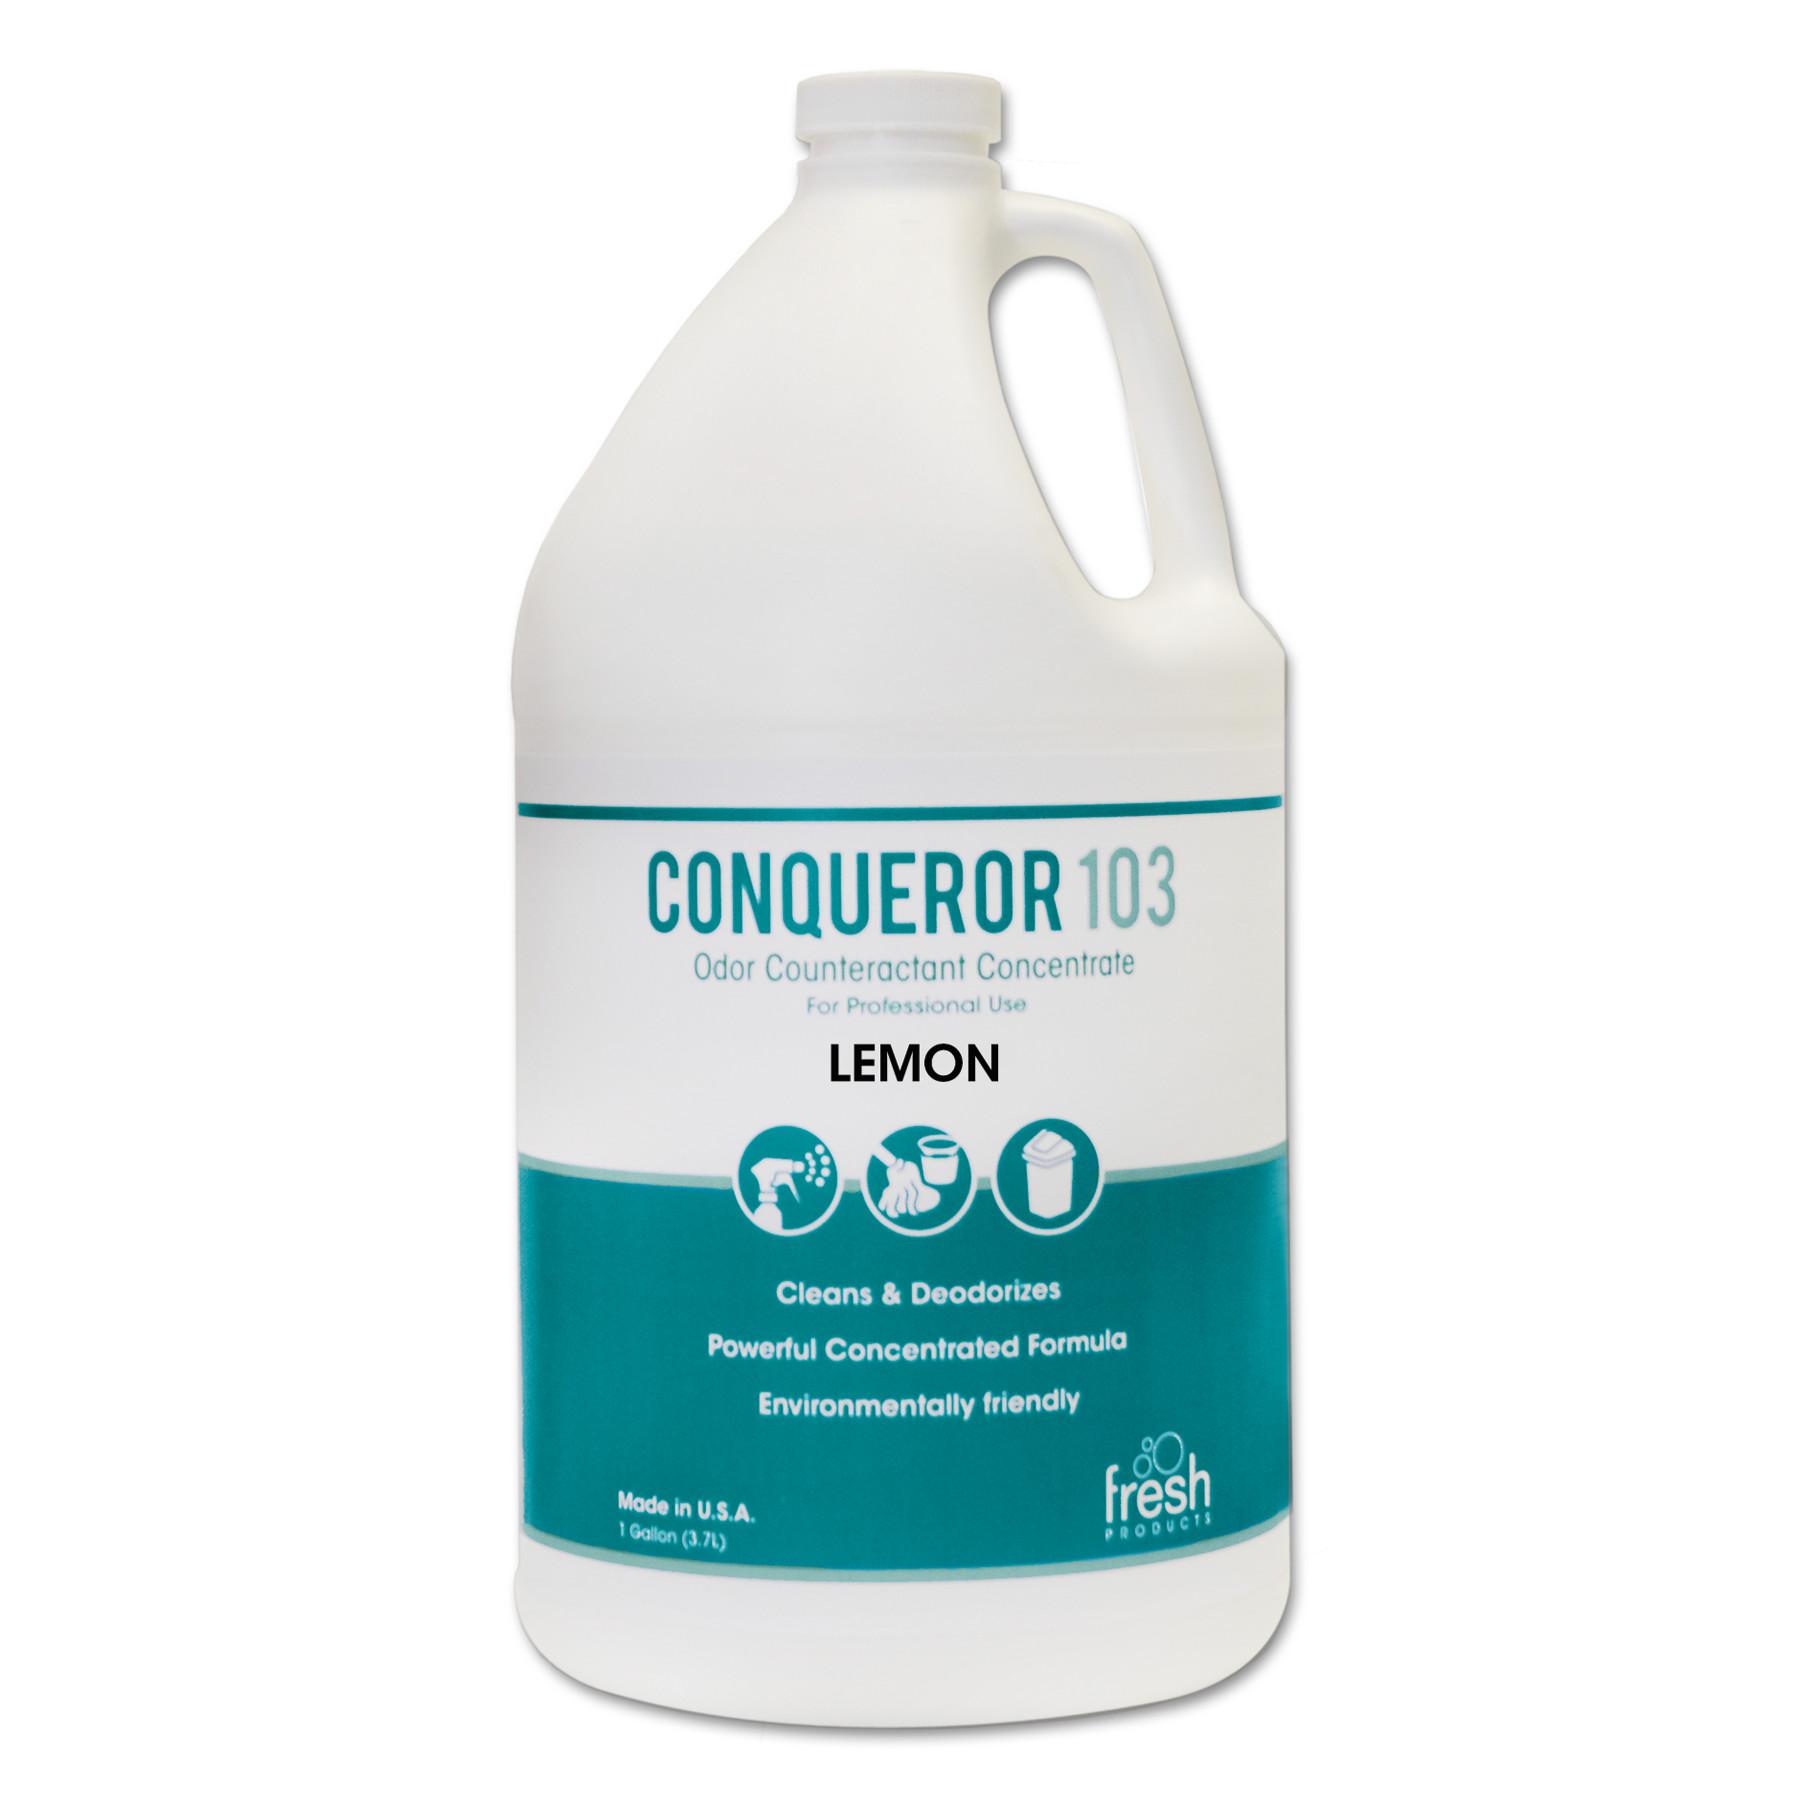 Conqueror 103 Odor Counteractant Concentrate, Lemon, 1 gal Bottle, 4/Carton